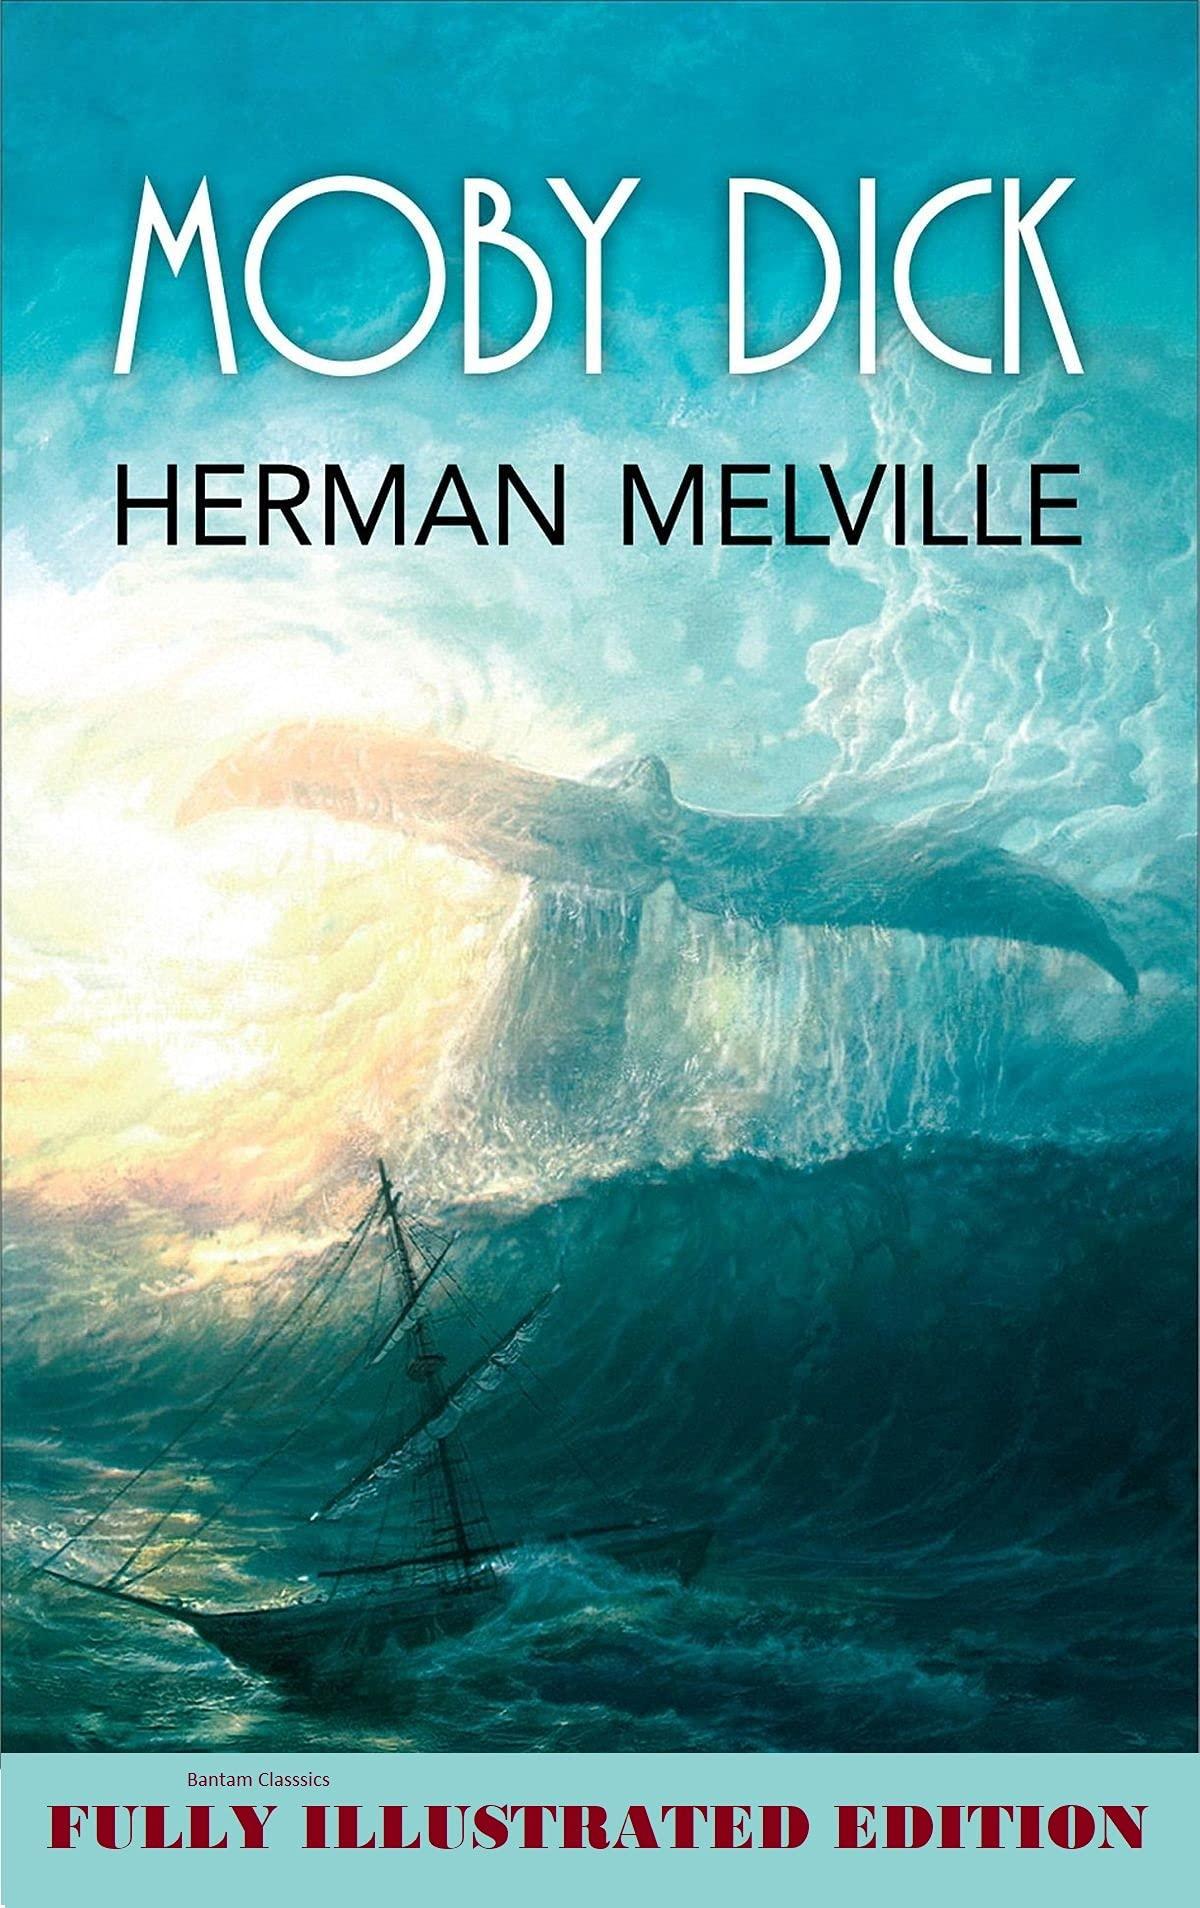 Moby Dick(Bantam Classics)